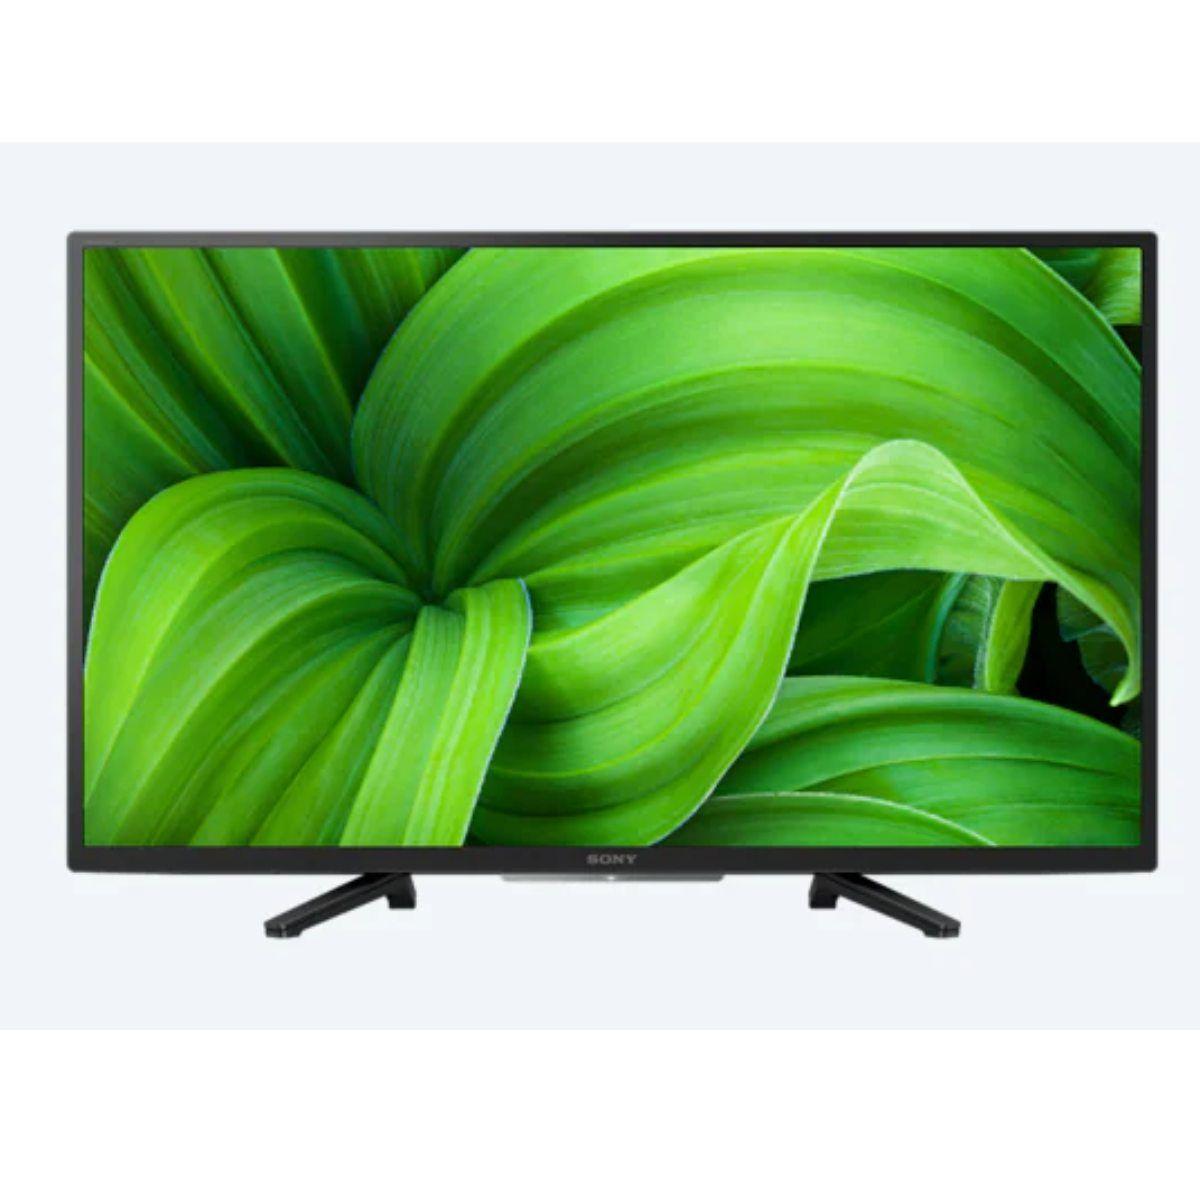 സോണി 32 ഇഞ്ച് HD Ready Smart ടിവി (W830)